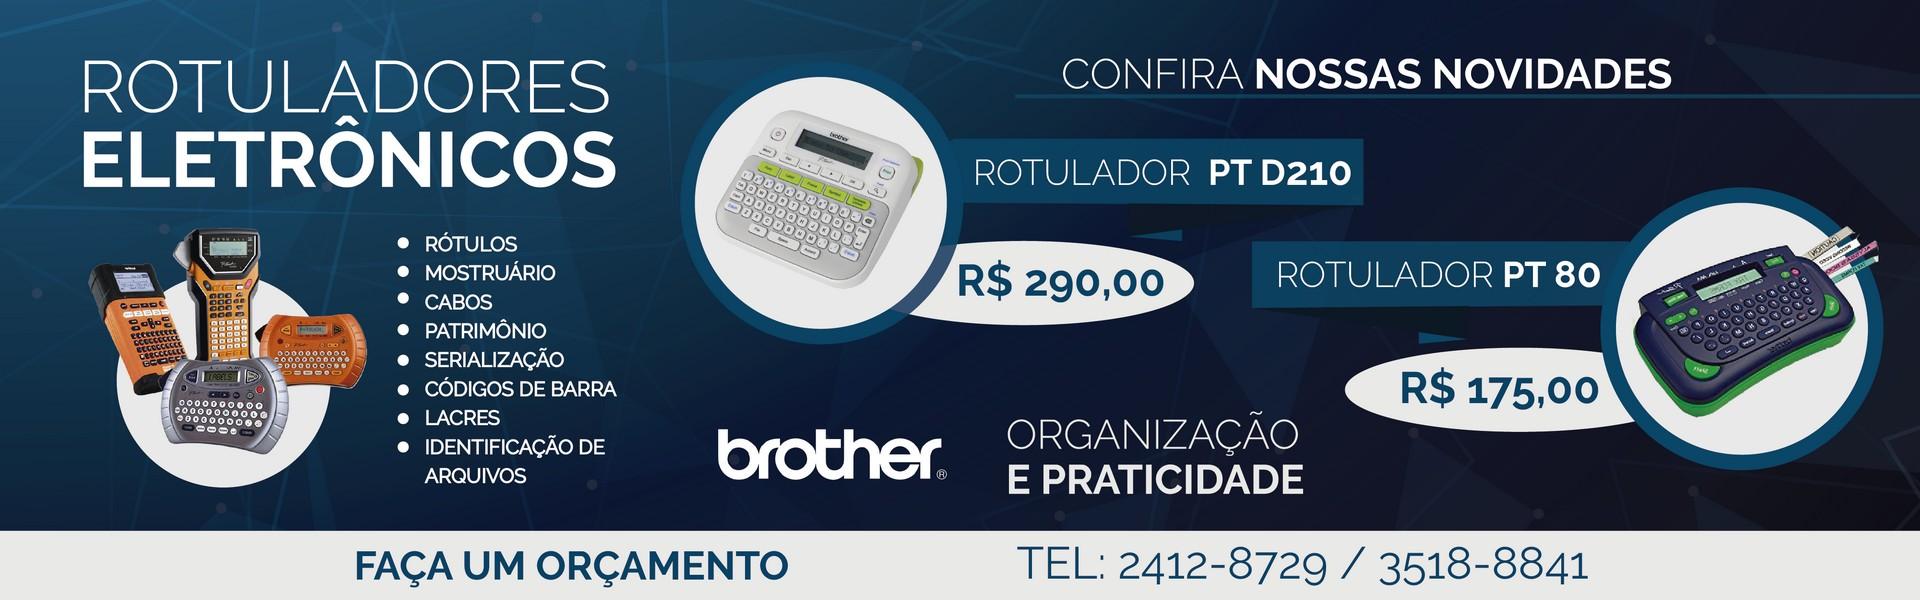 Rotuladores eletrônicos no Rio de Janeiro